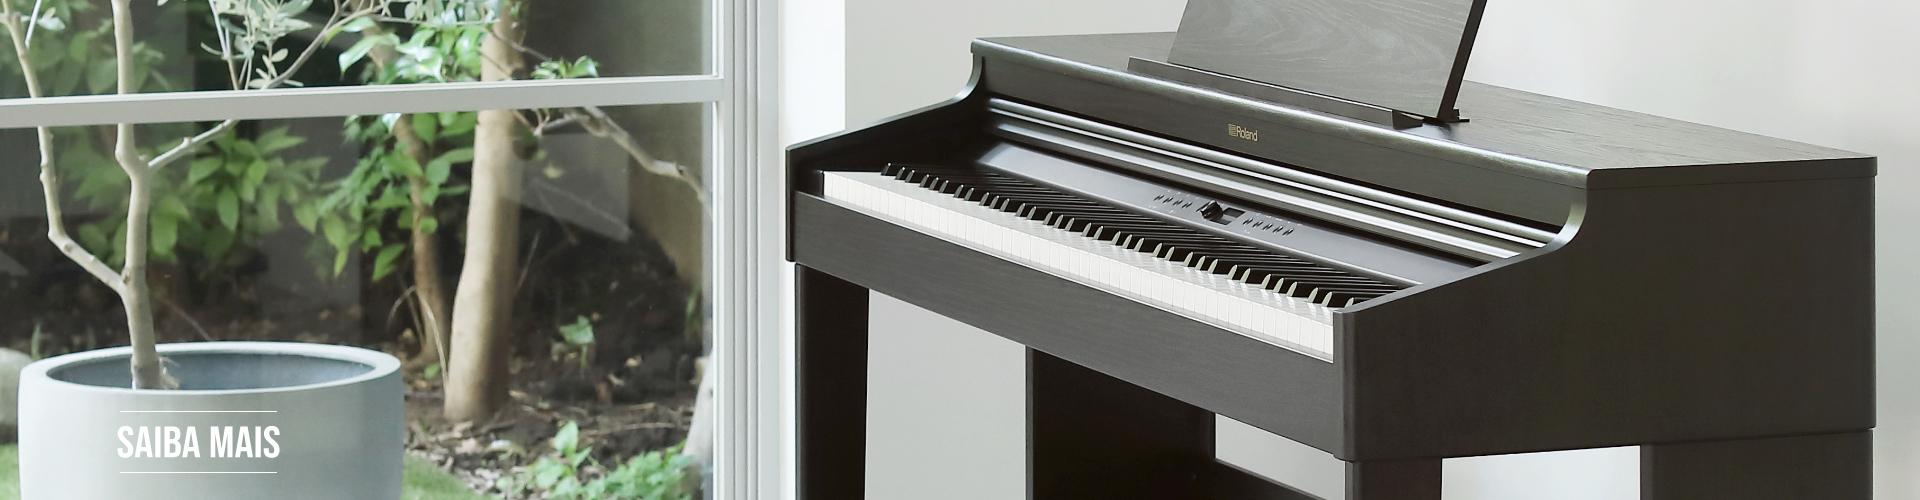 [ROLAND] [PIANO] [SAIBA MAIS]